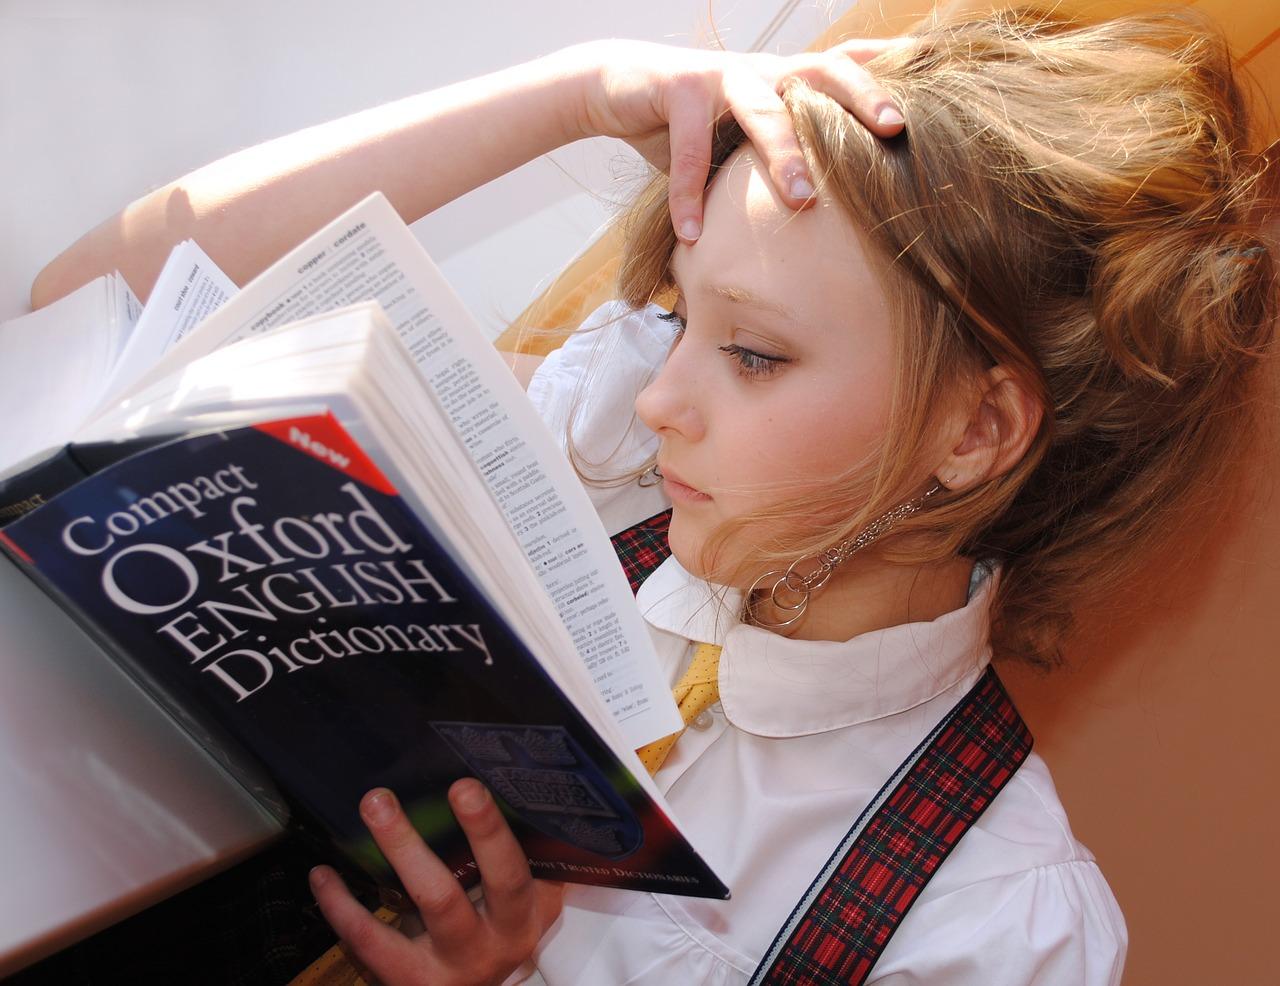 Imparare l'inglese in tutte le sue declinazioni